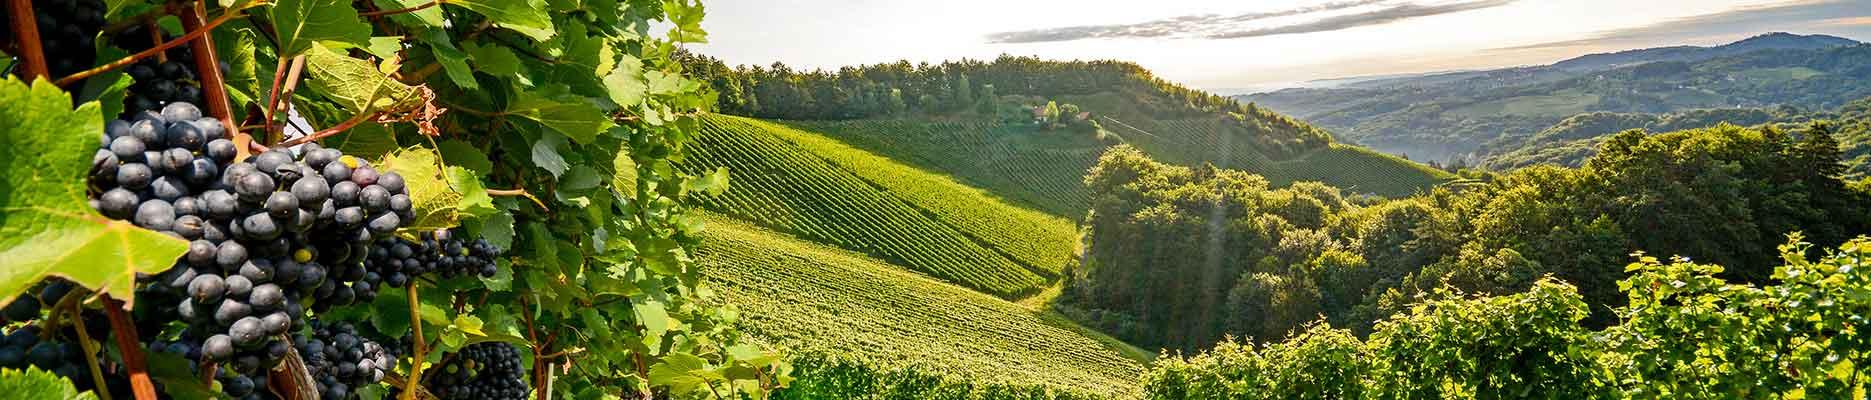 Wein Spezialitäten piemont liemonte, Castrop-Rauxel